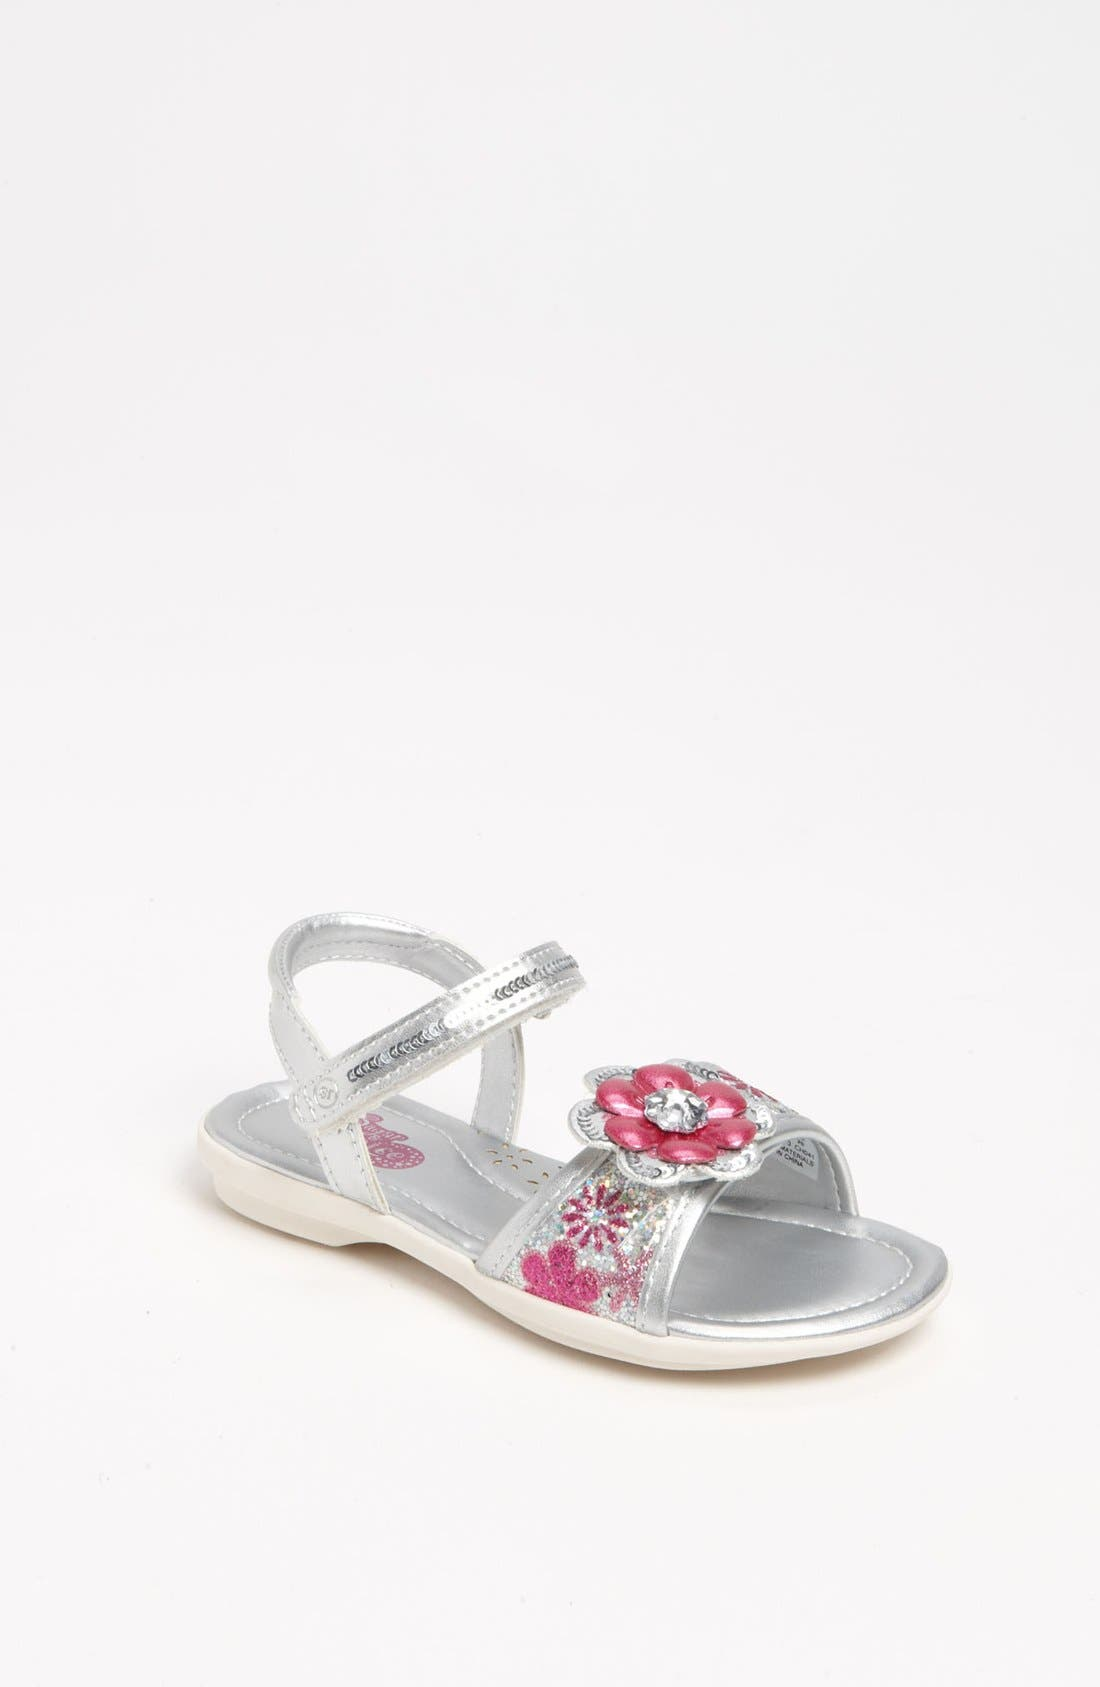 Main Image - Stride Rite 'Electra' Sandal (Toddler)